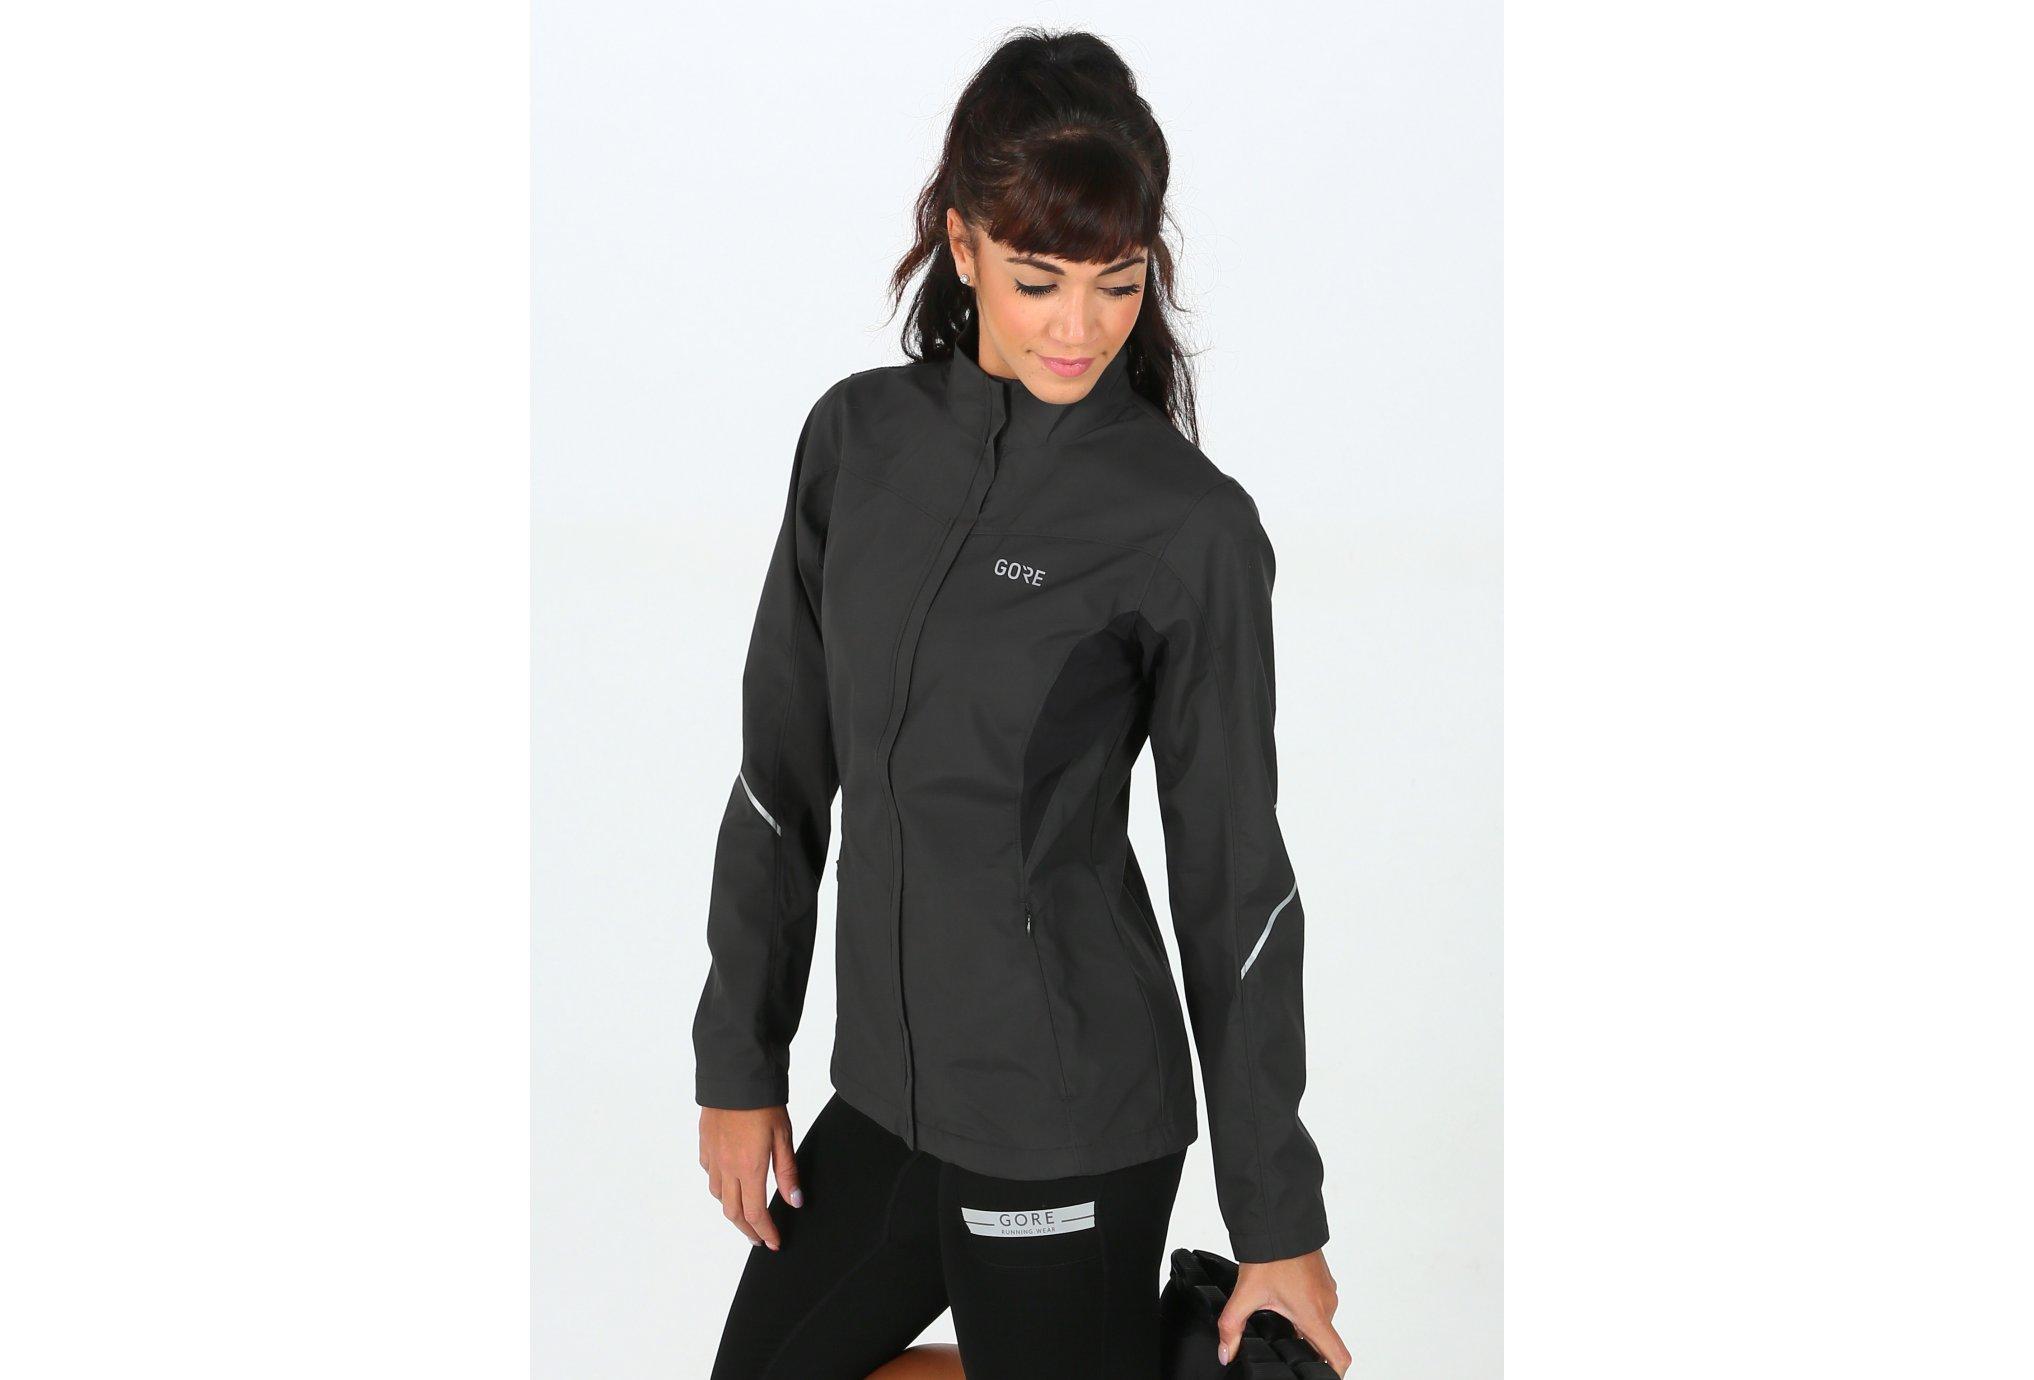 Gore Wear R3 Partial Gore Windstopper W Diététique Vêtements femme